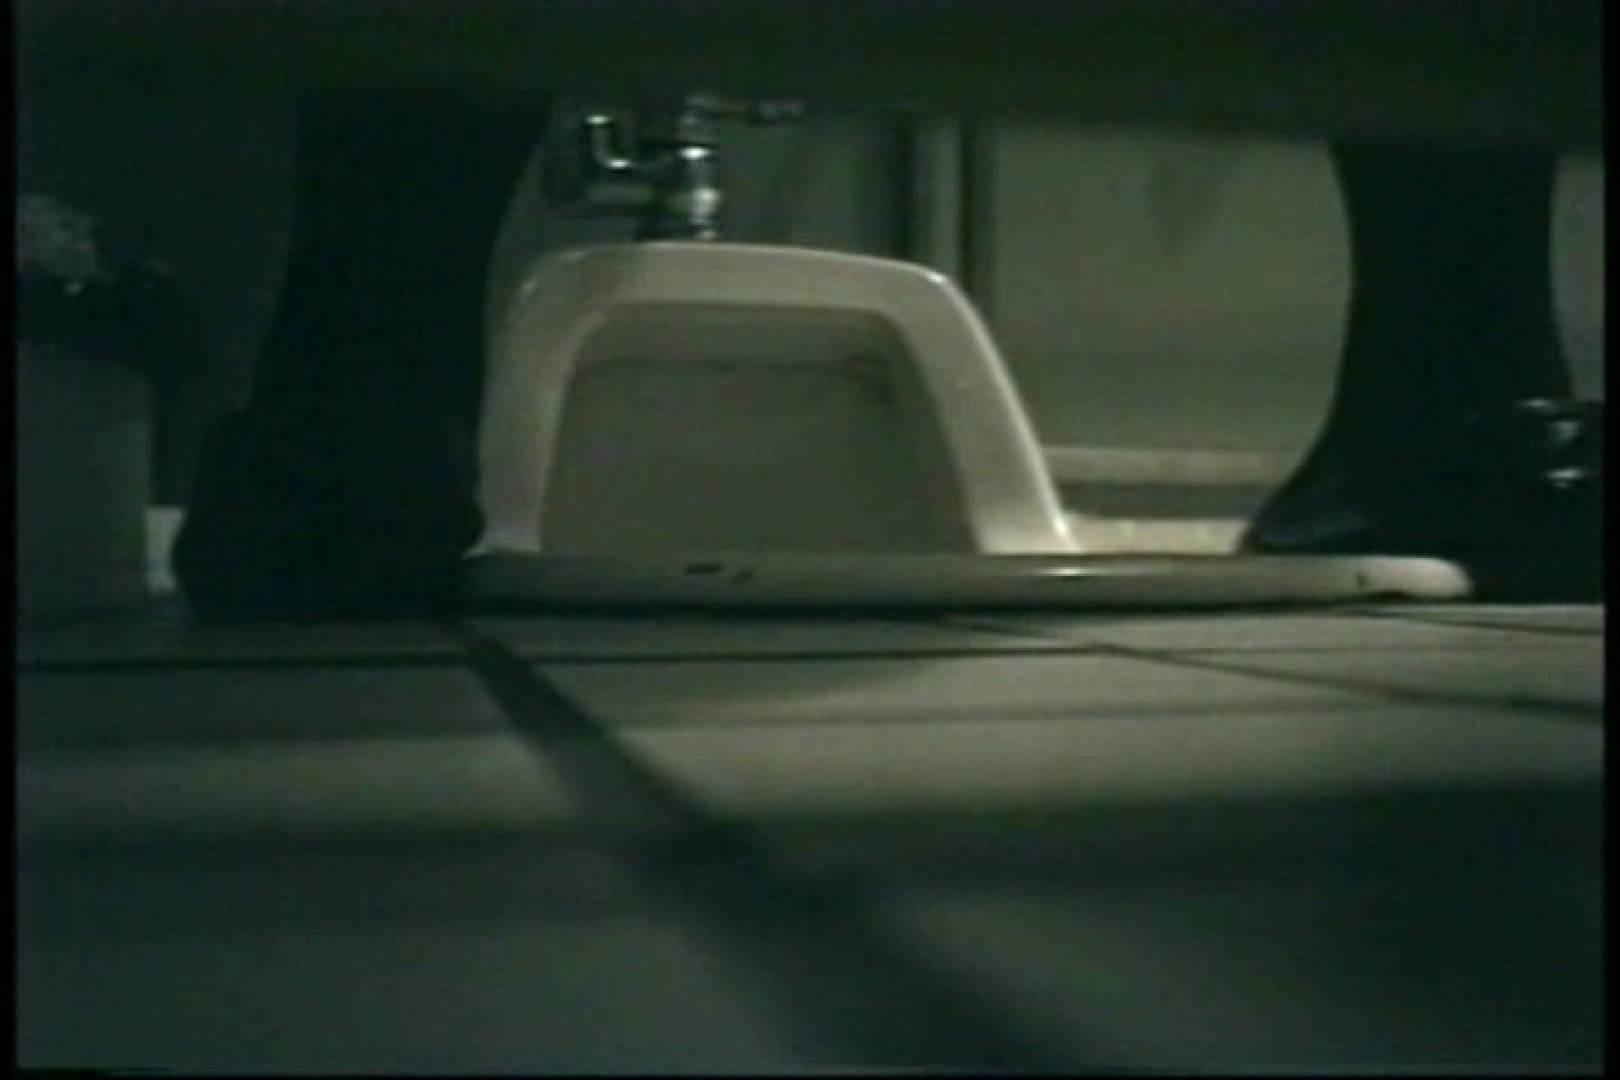 様式 和式 ところかまわず、厠覗き! 盗撮シリーズ 盗み撮り動画 83PIX 7